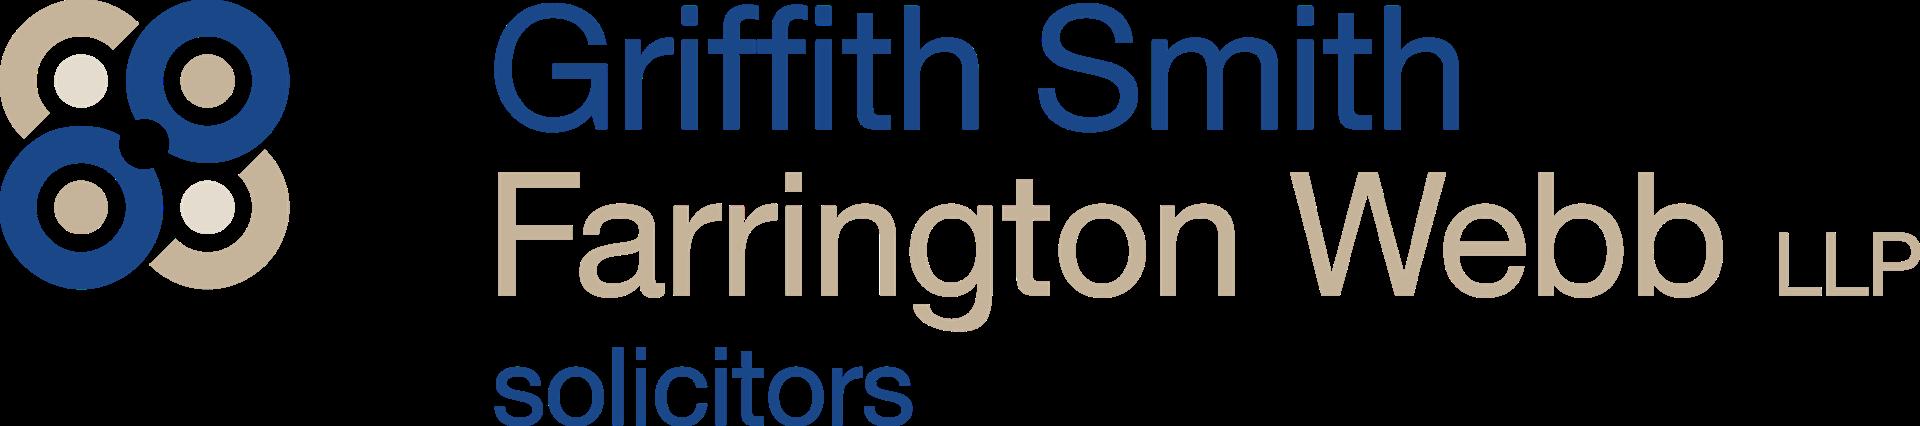 GSFW Solictors | Brighton